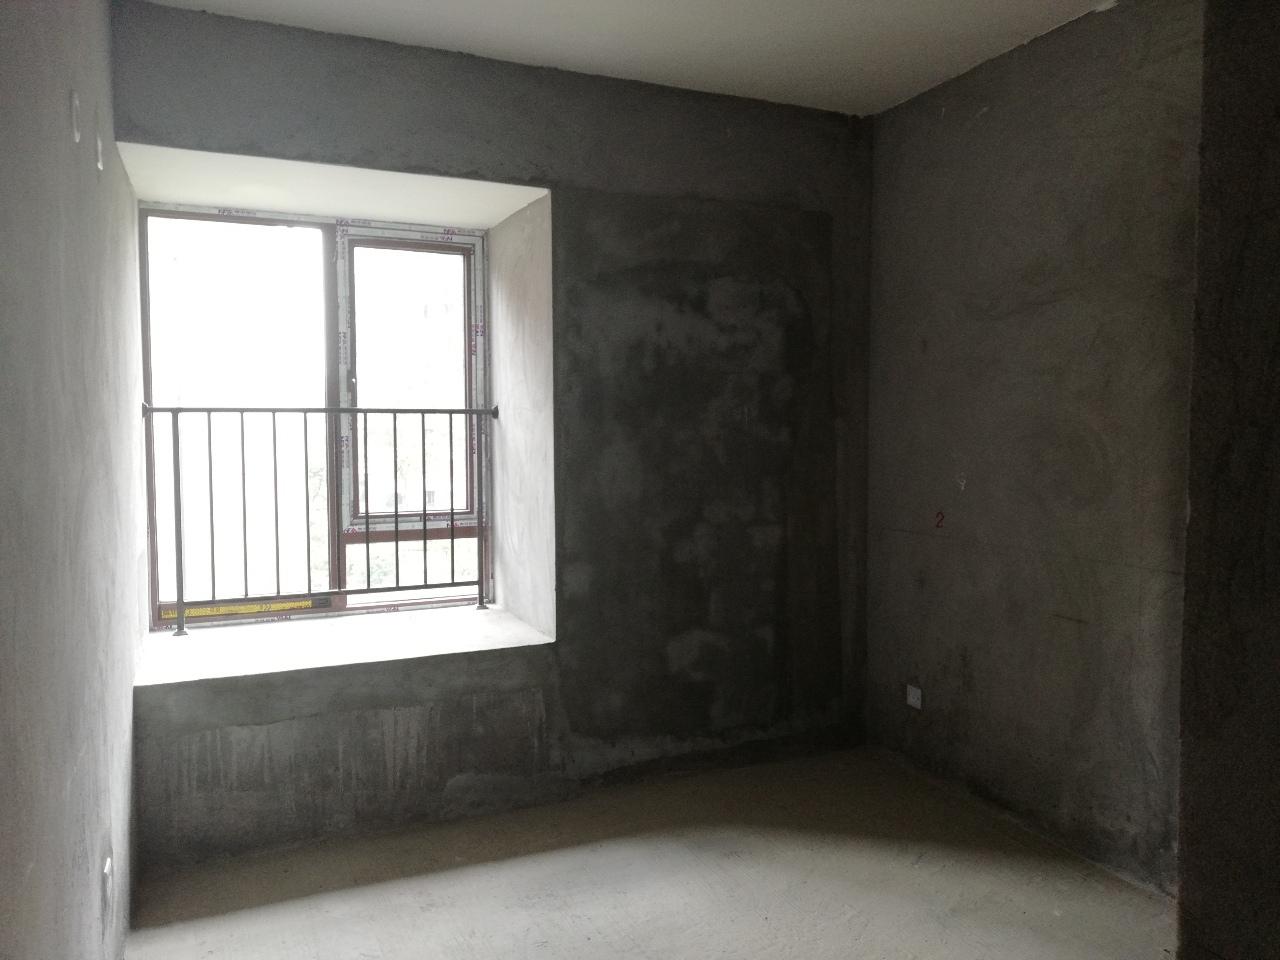 万兴华庭毛坯房4室2厅2卫133平方30万元